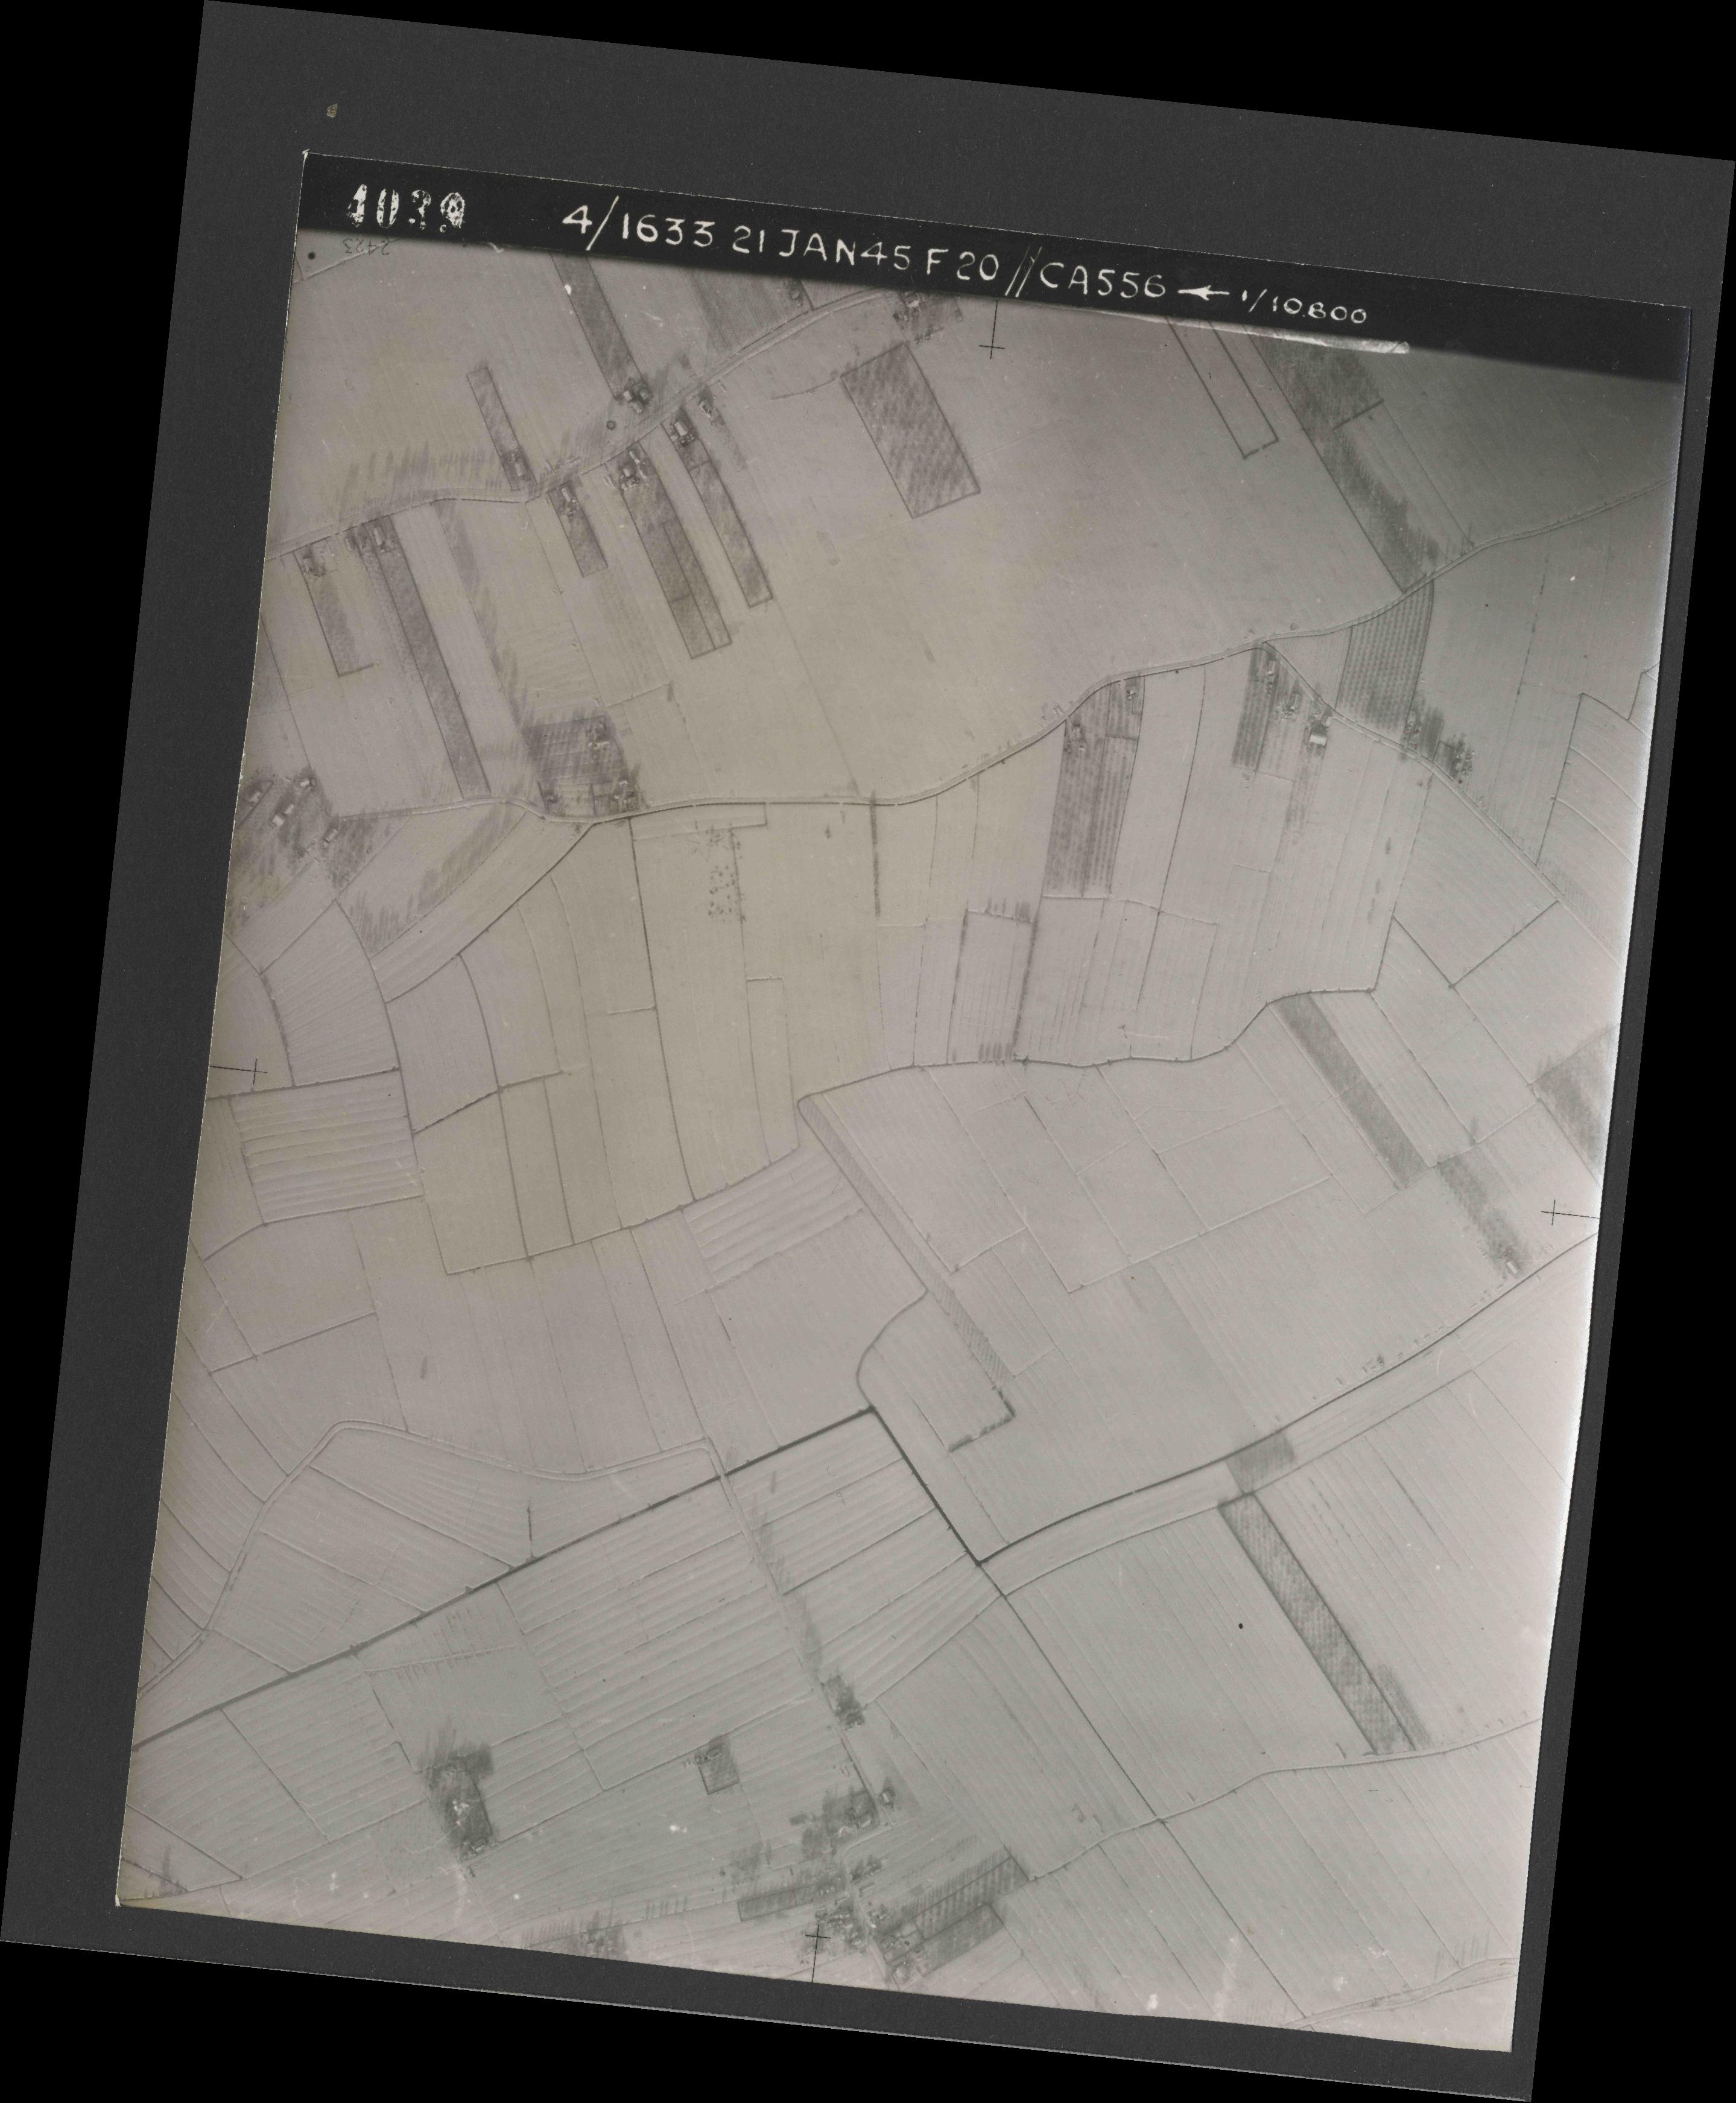 Collection RAF aerial photos 1940-1945 - flight 202, run 02, photo 4039